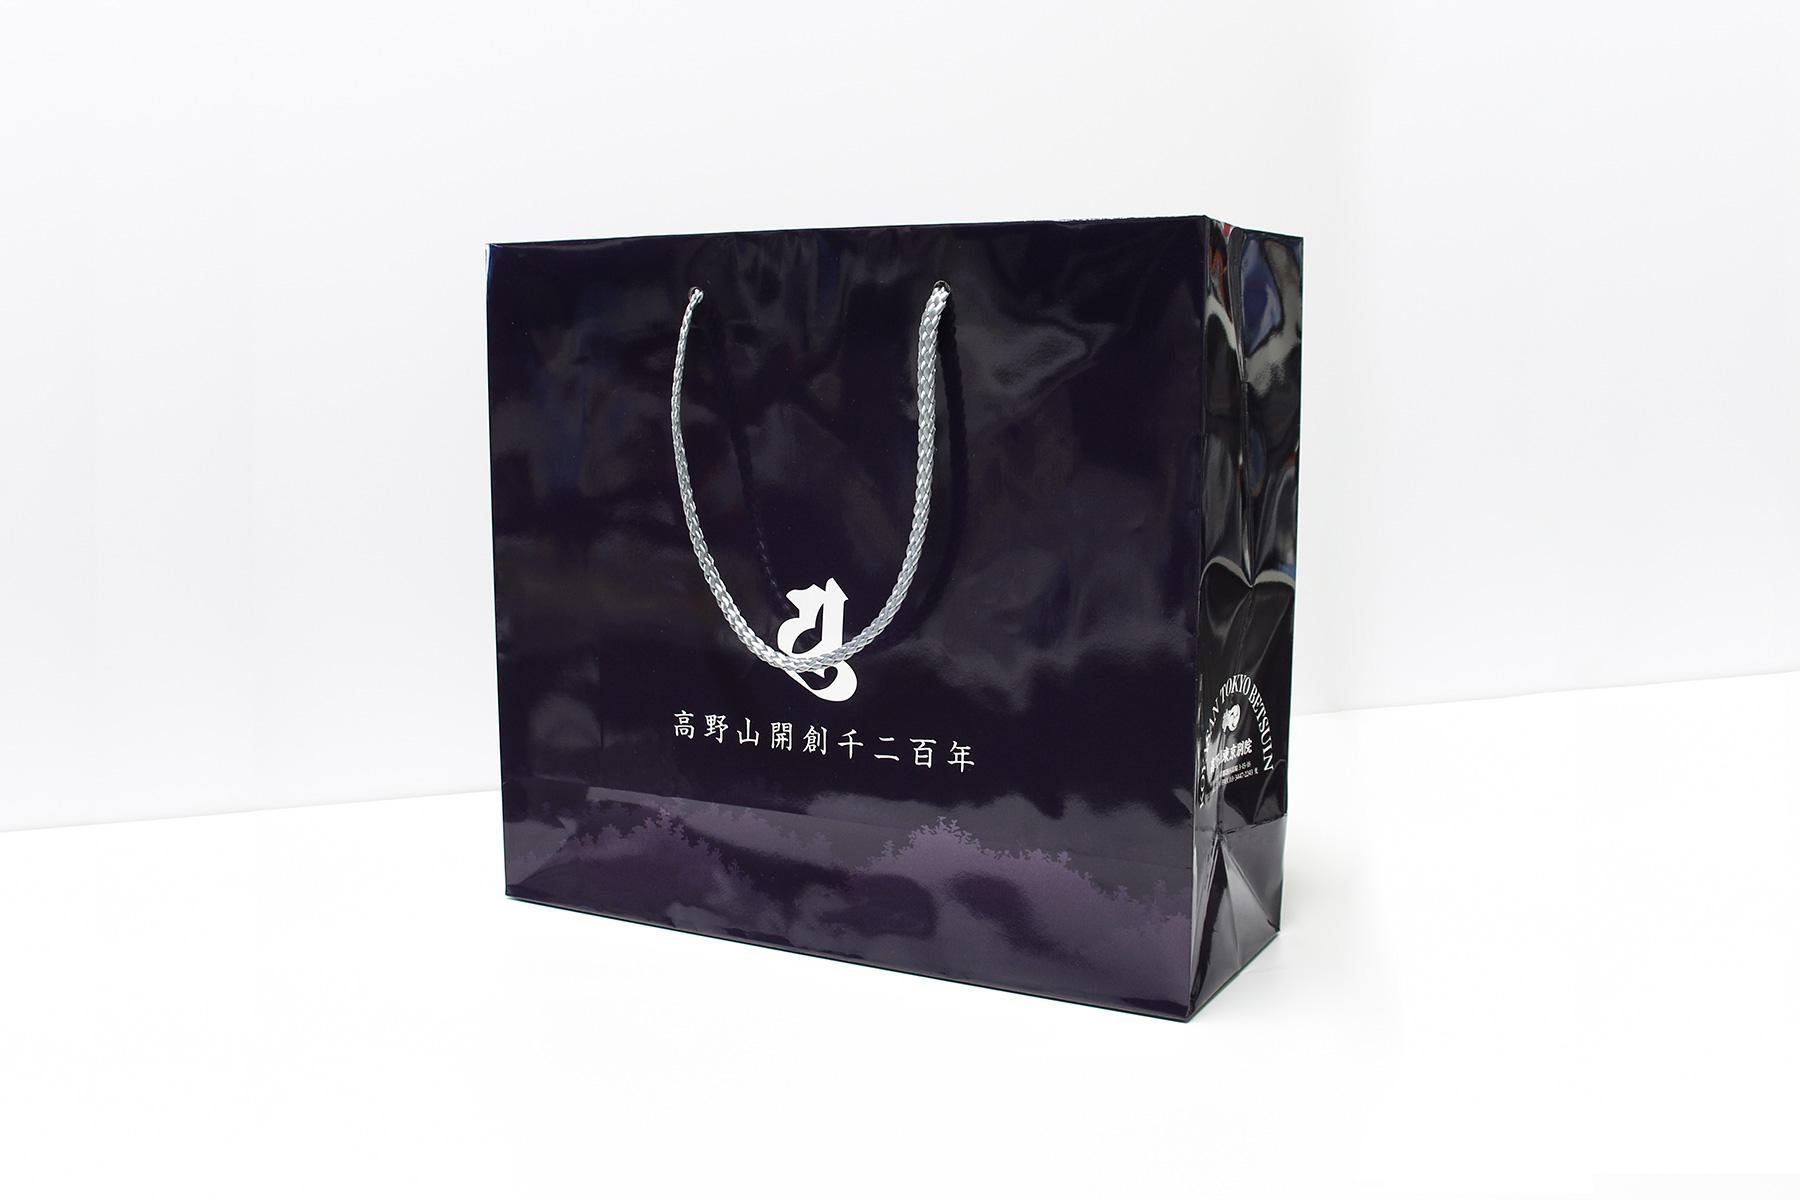 手提袋ワイドタイプデザイン01